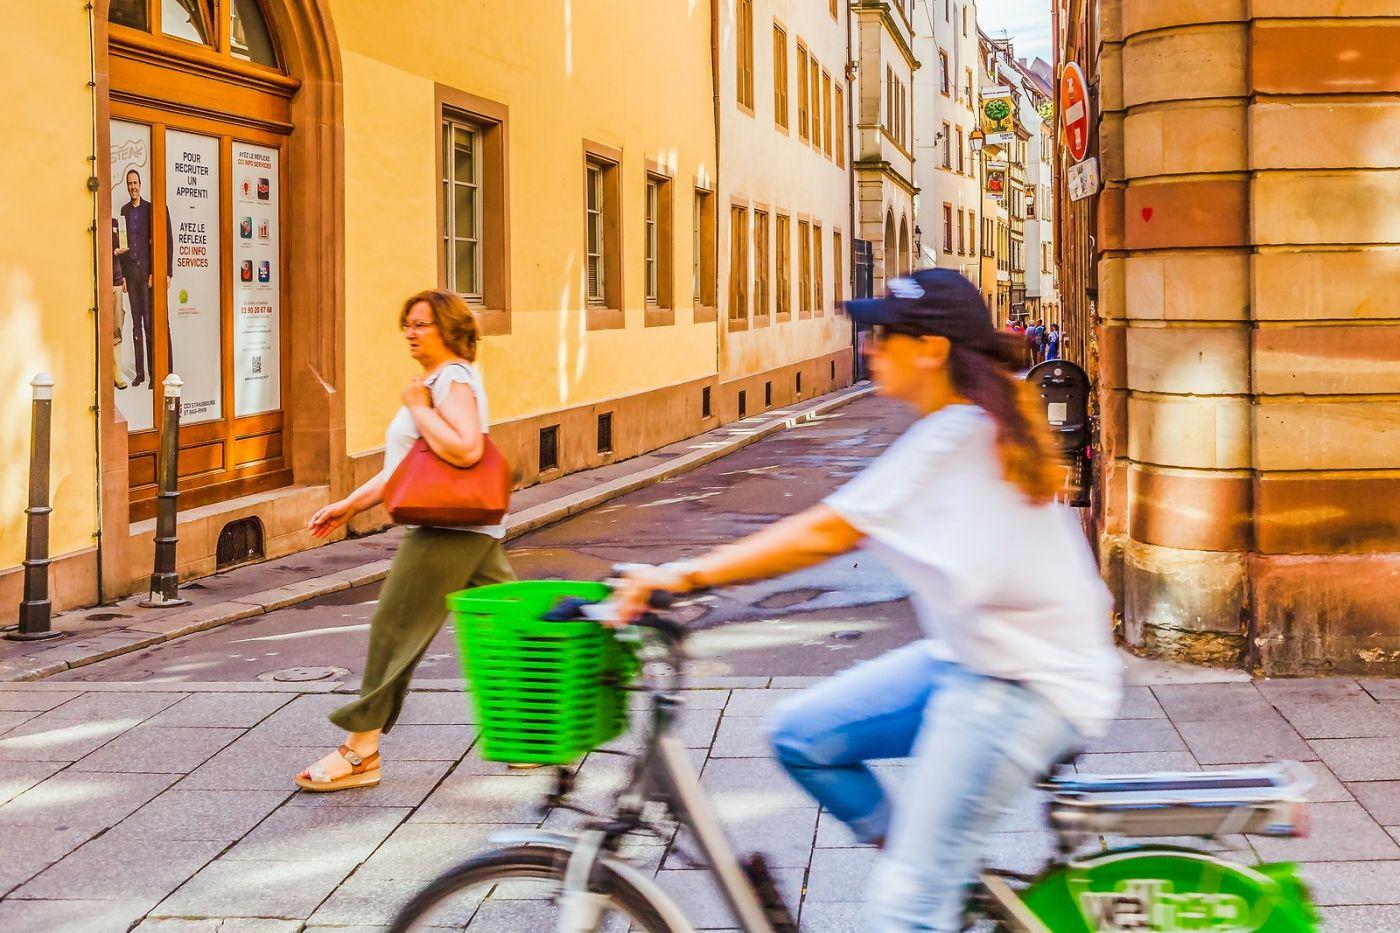 法国斯特拉斯堡(Strasbourg),边走边拍_图1-5